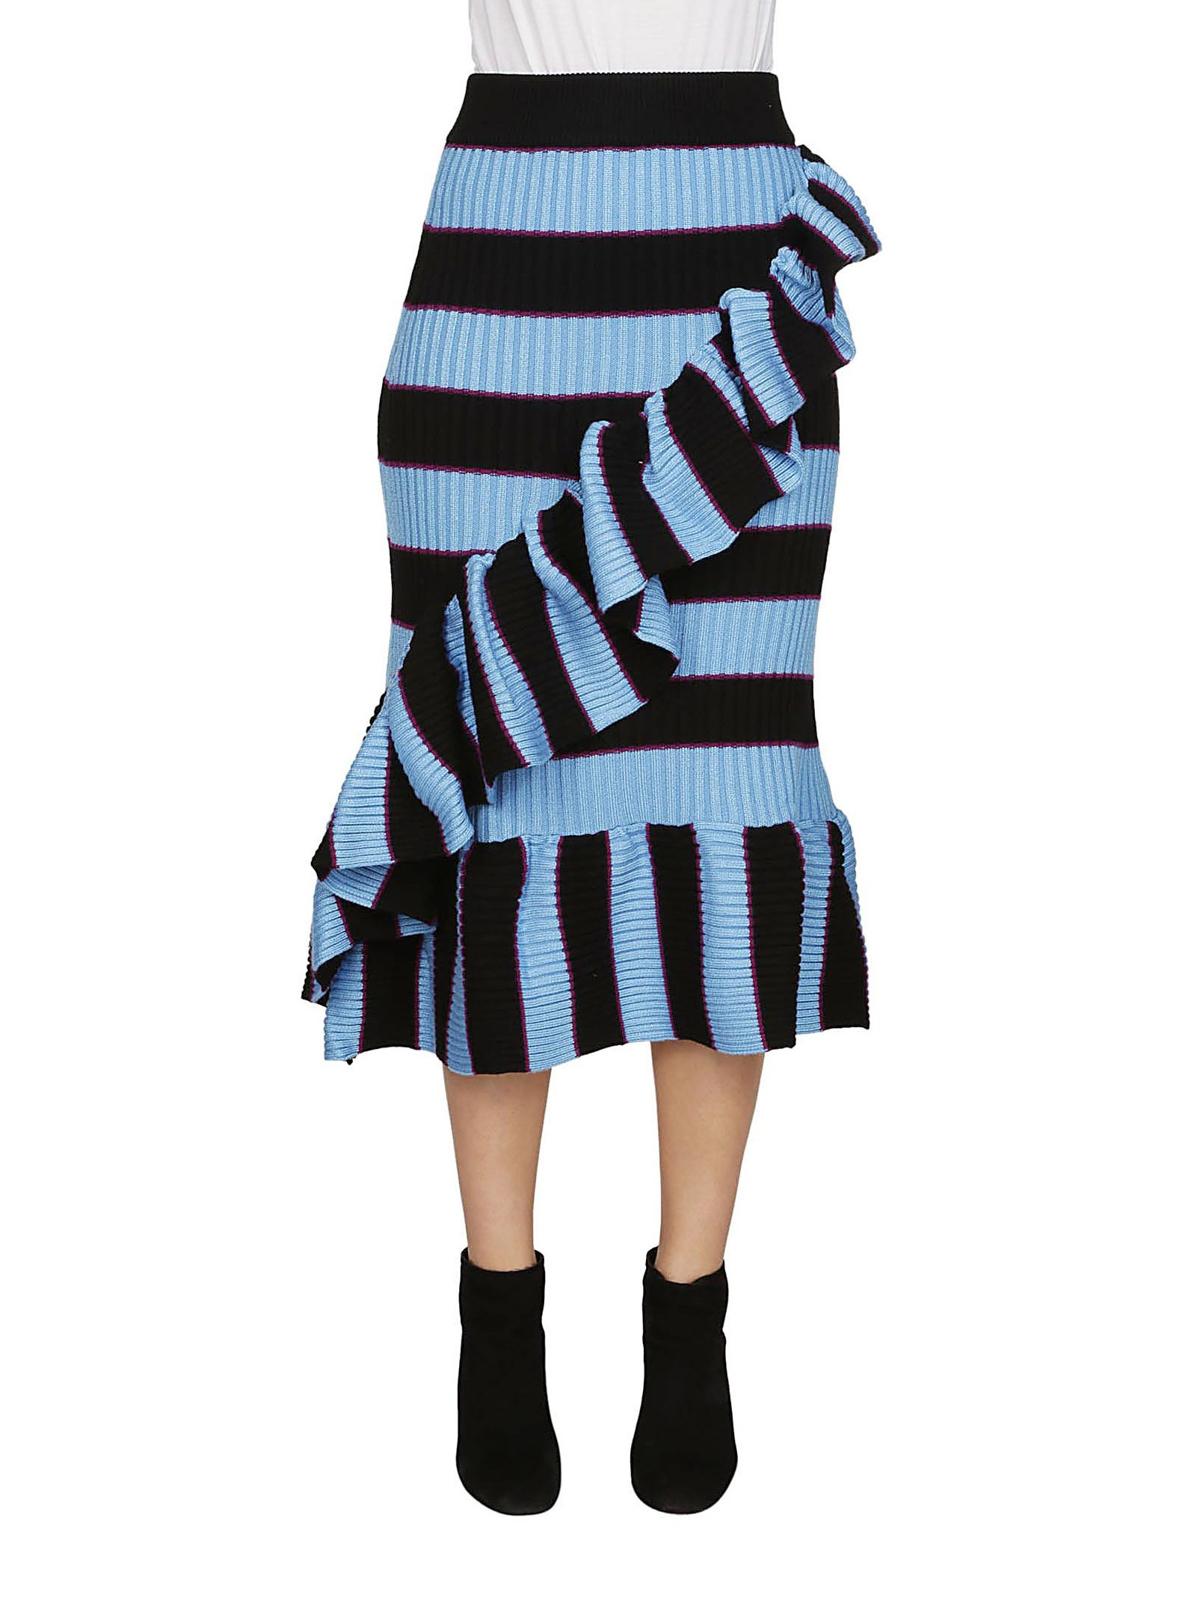 89e53e5111 Kenzo - Striped knit wool blend ruffled skirt - Knee length skirts ...